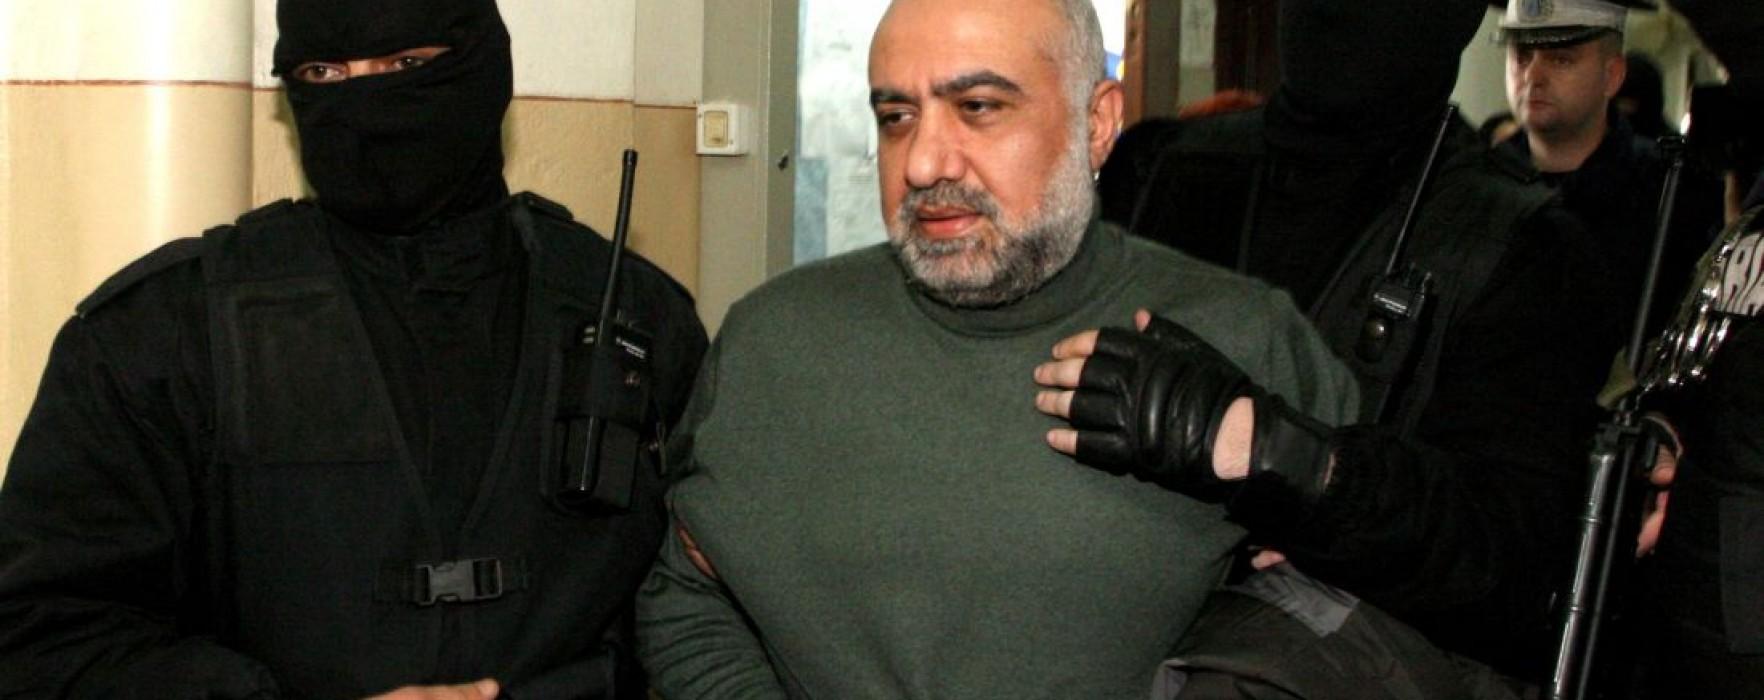 Hayssam, declaraţii despre donaţii la PD şi despre un cunoscut om politic dâmboviţean